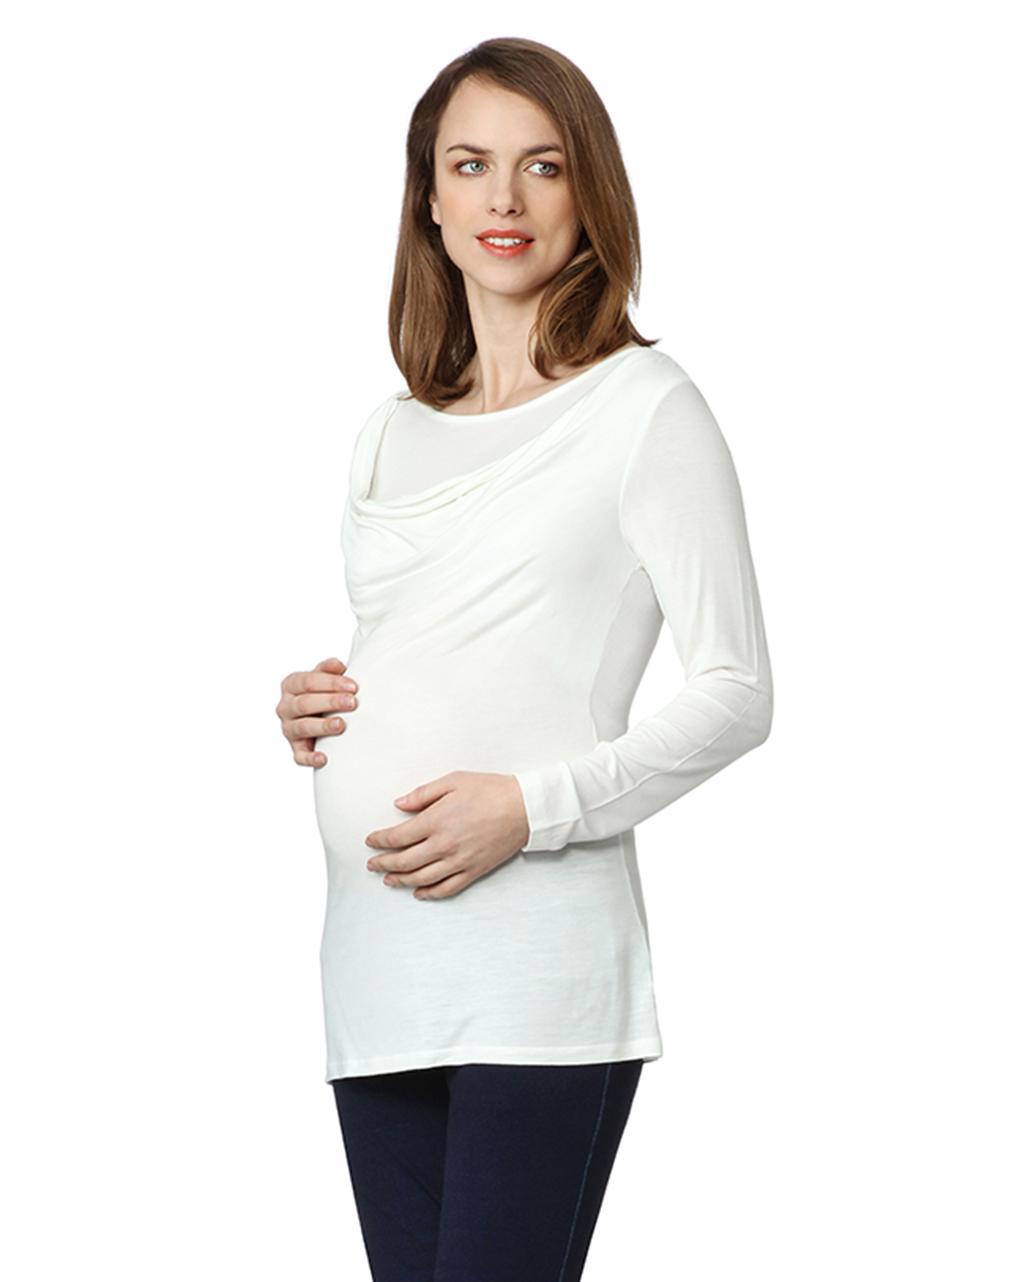 Γυναικεία Μπλούζα Θηλασμού Λευκή